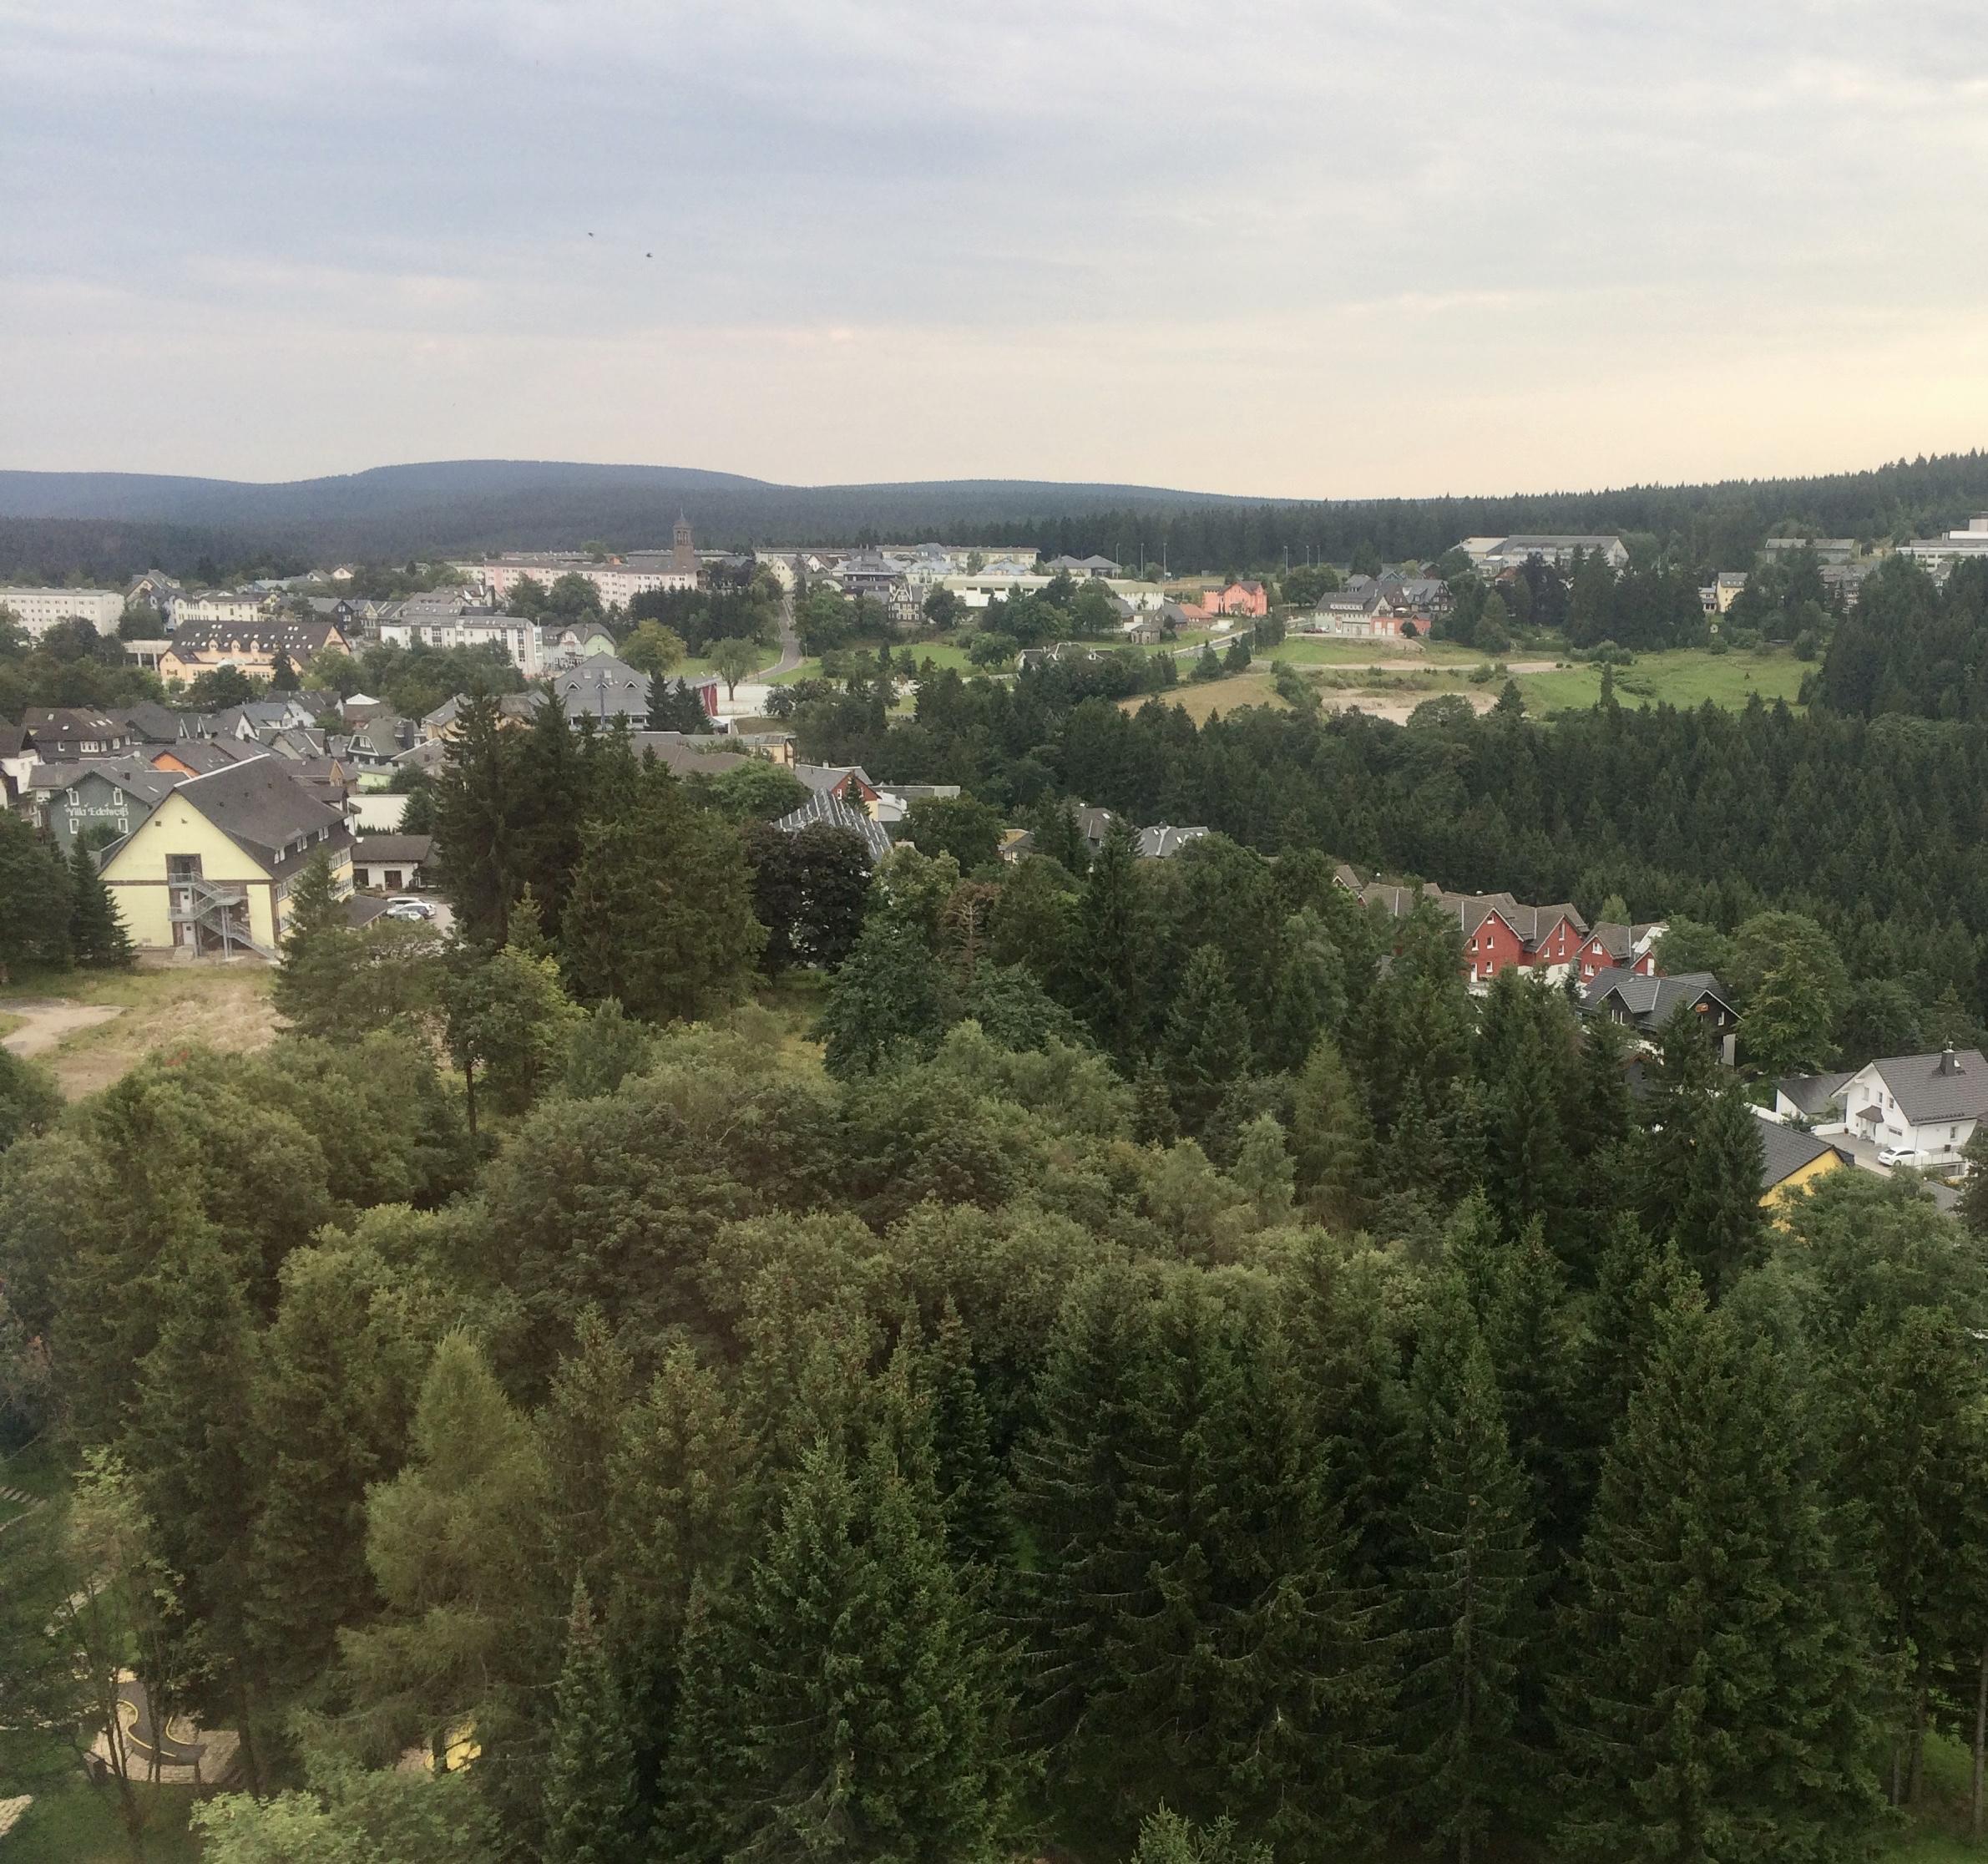 Oberhof: Idyllisches Dörfchen, wenn nicht gerade Hochsaison im Winter ist.